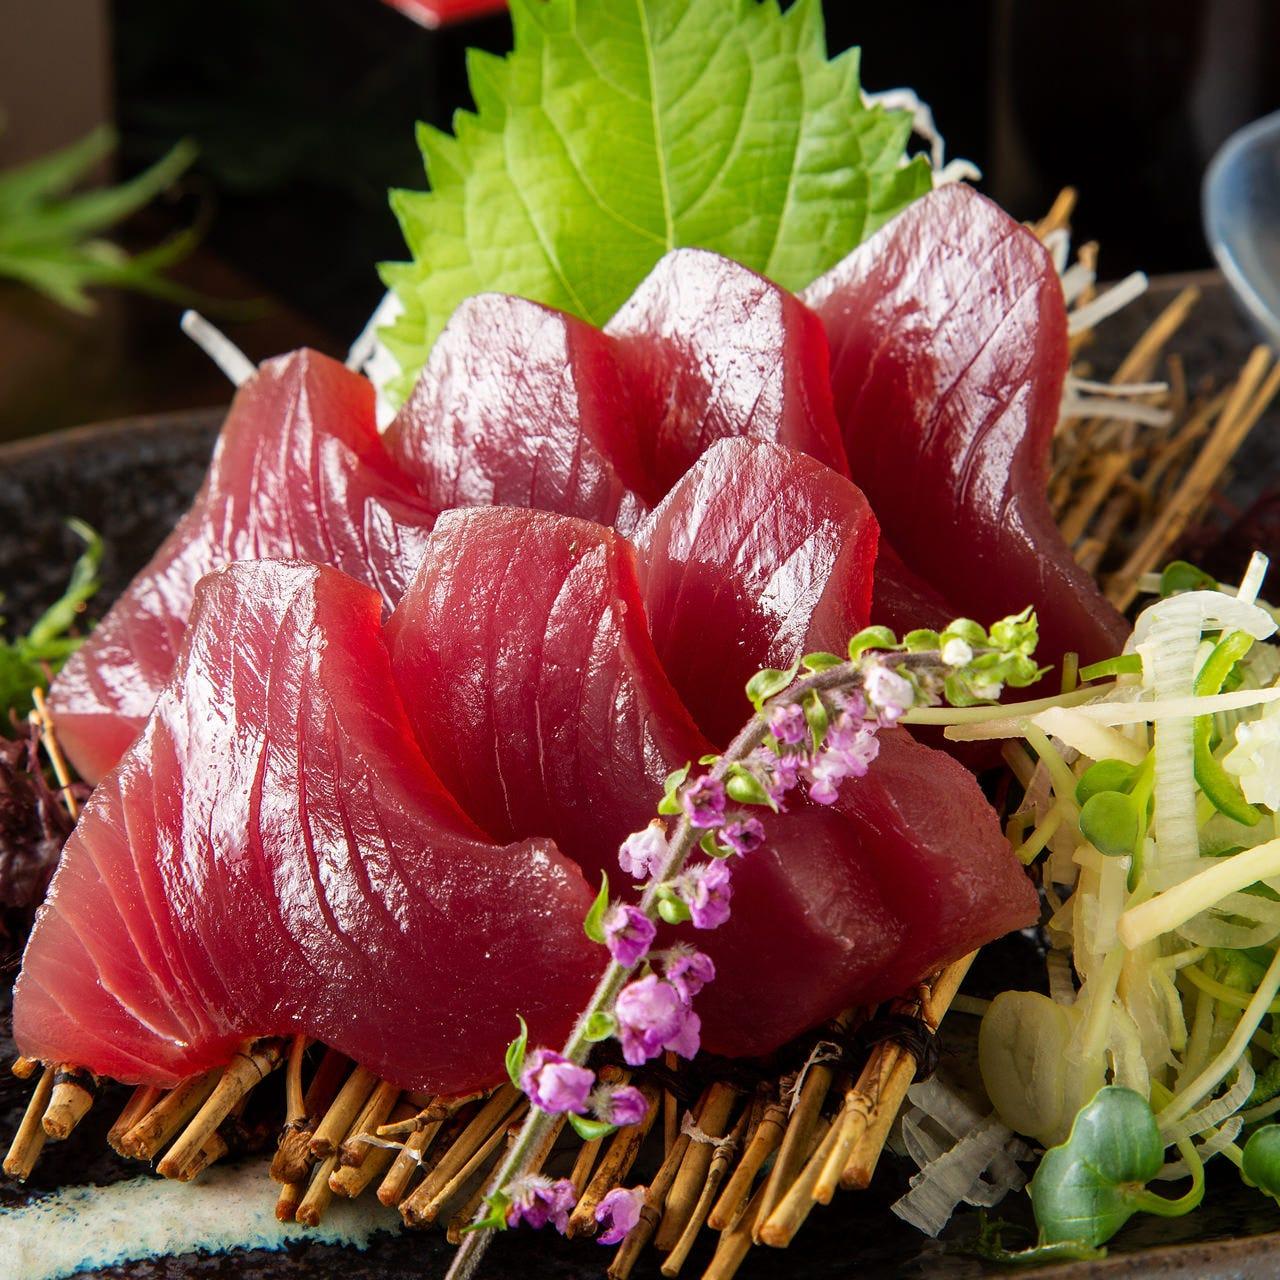 長浜直送!旨い魚を最高級の鮮度で!